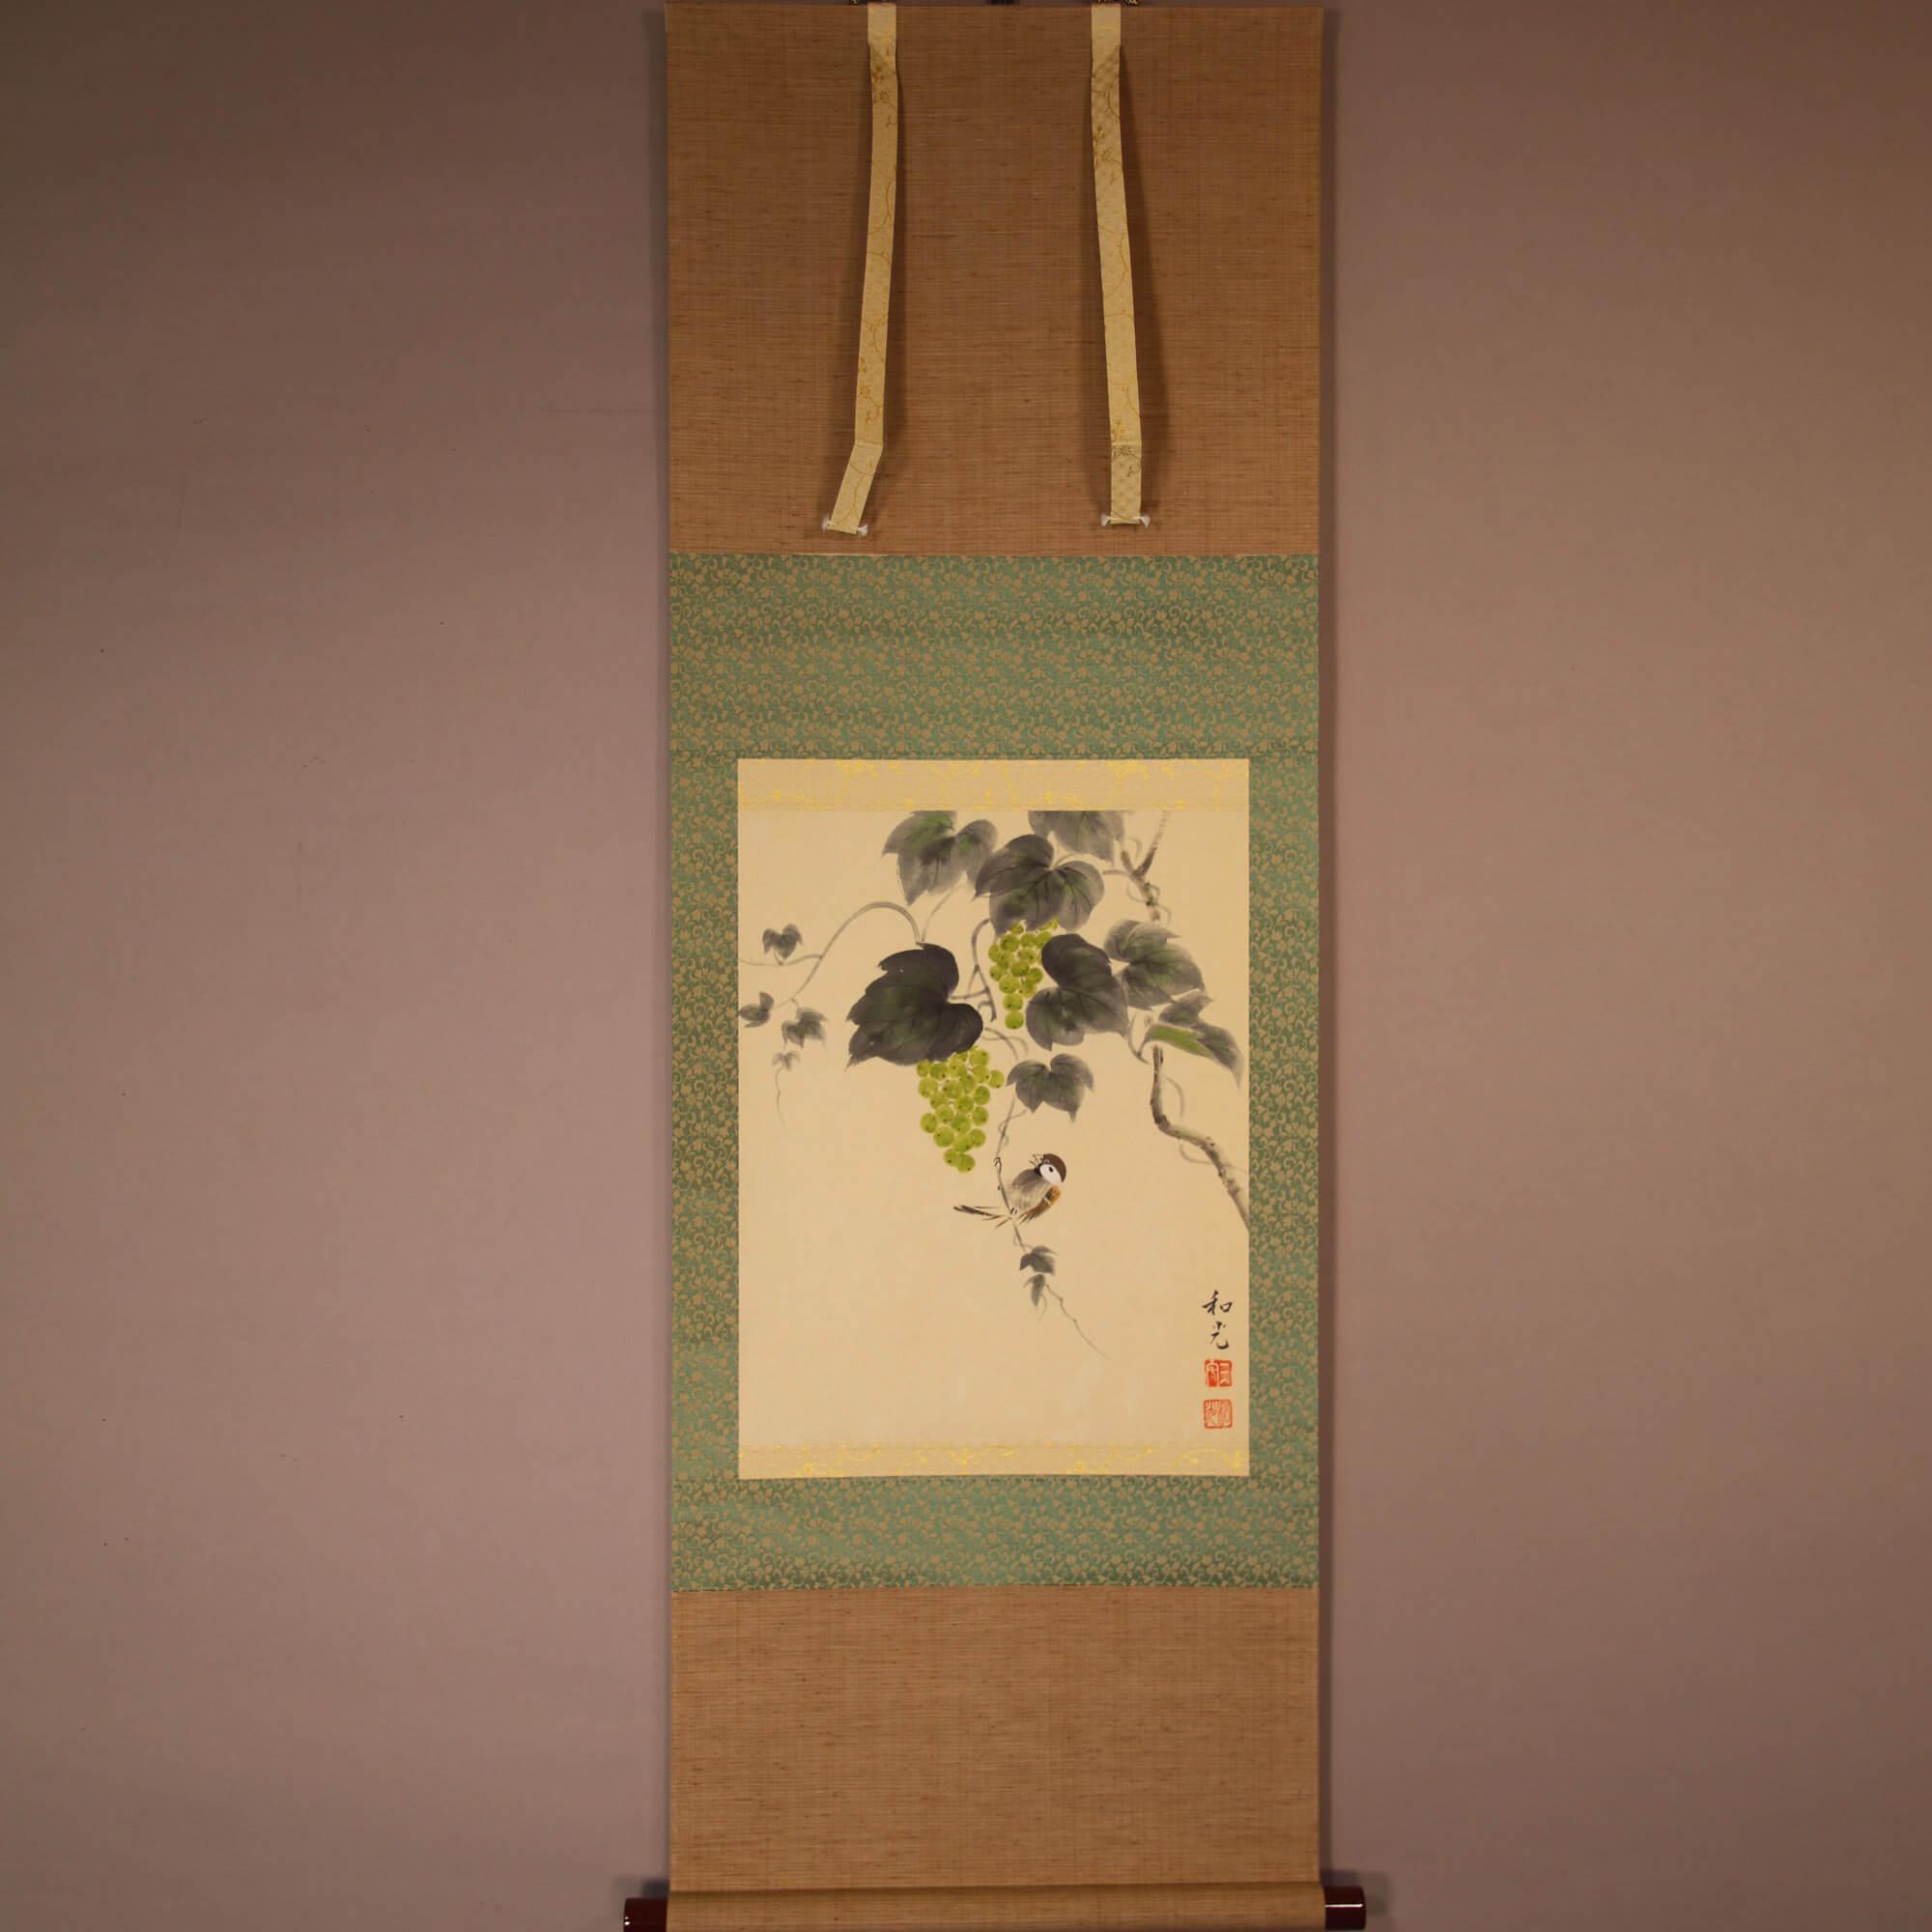 Grapes / Miyake Wakō